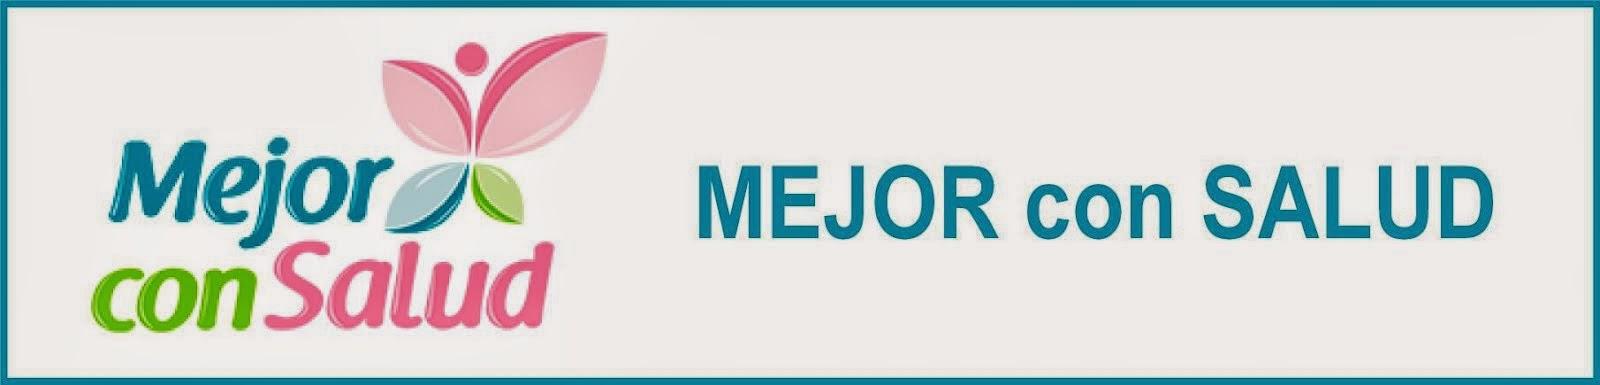 WEB de SALUD y MUCHO MÁS